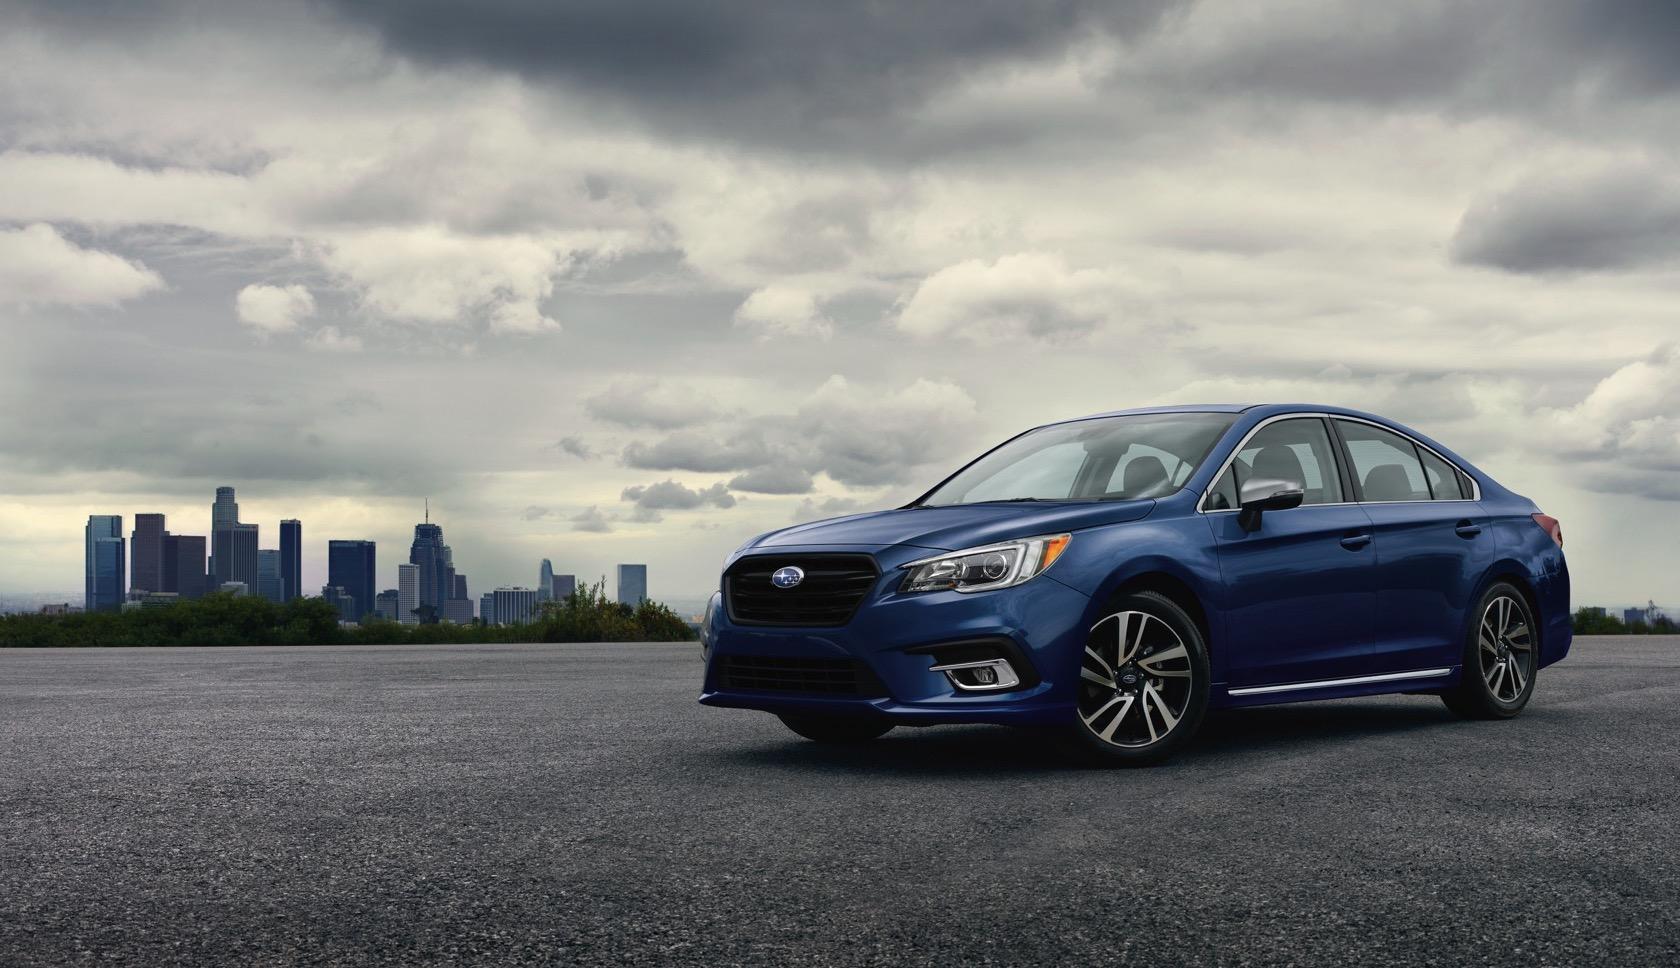 2018 Mazda6 vs 2019 Ford Fusion vs 2019 Subaru Legacy: Midsize Sedan